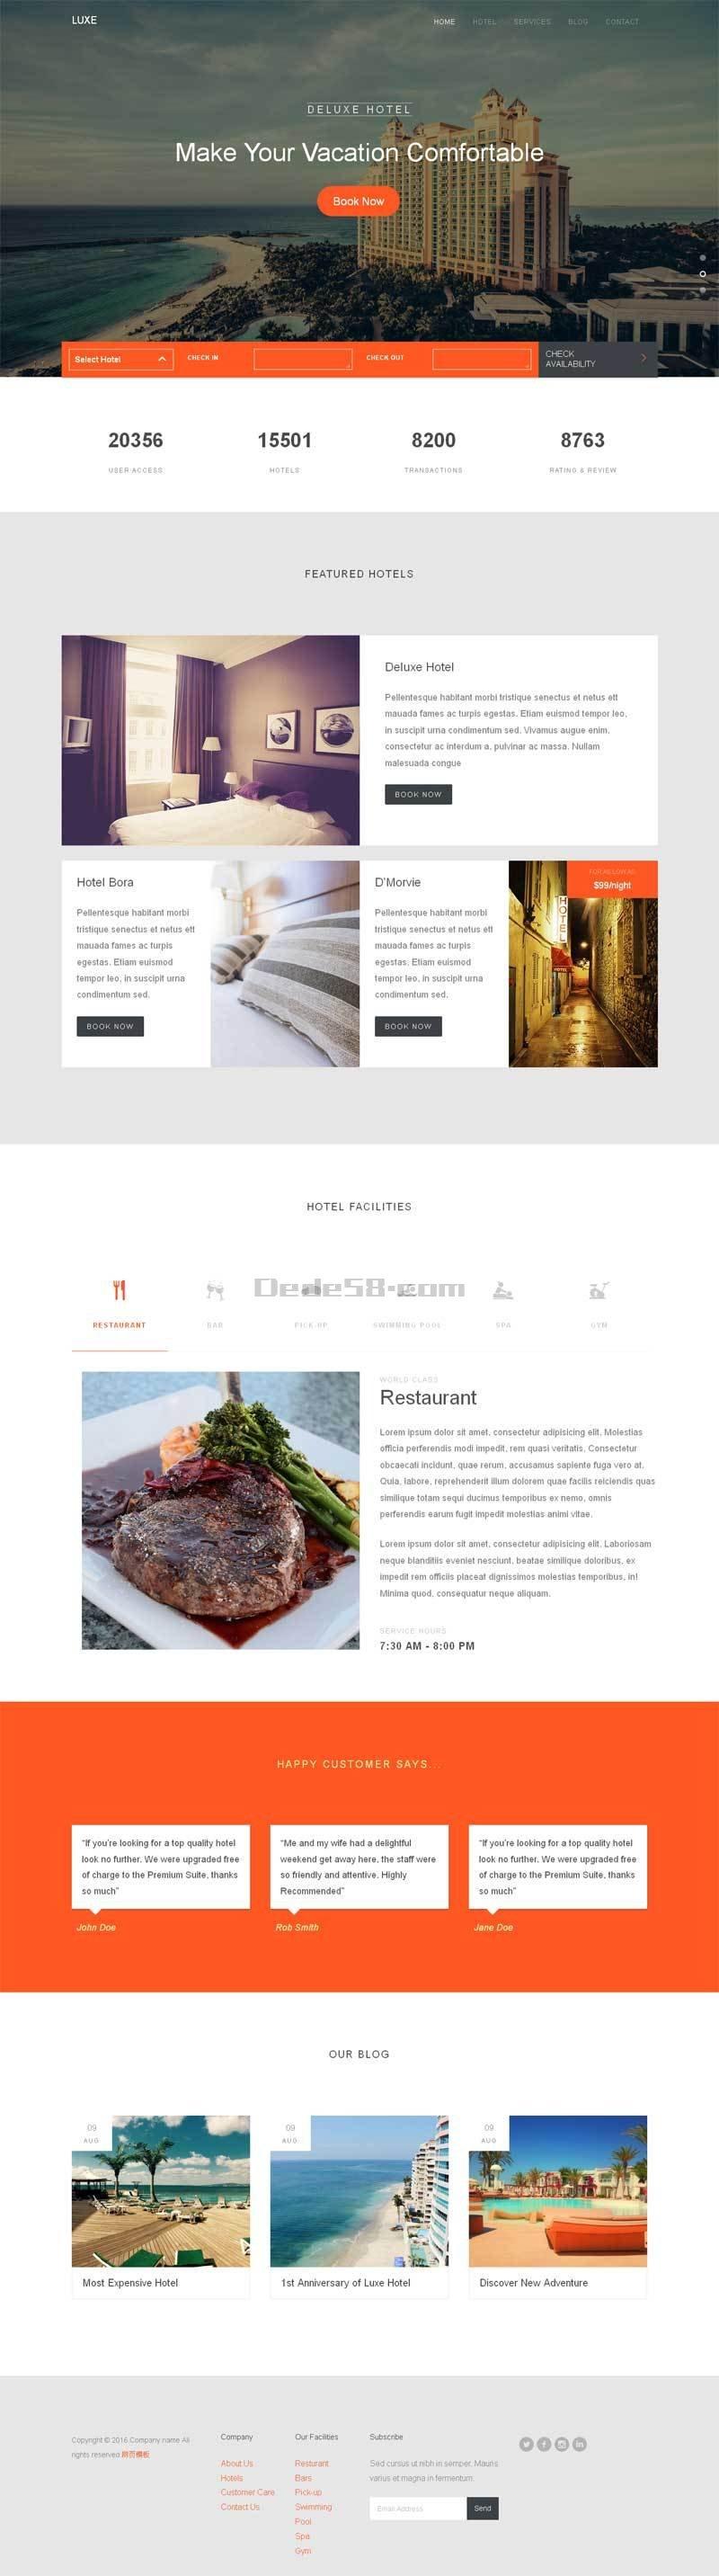 简洁大气的五星级酒店预订介绍网页模板